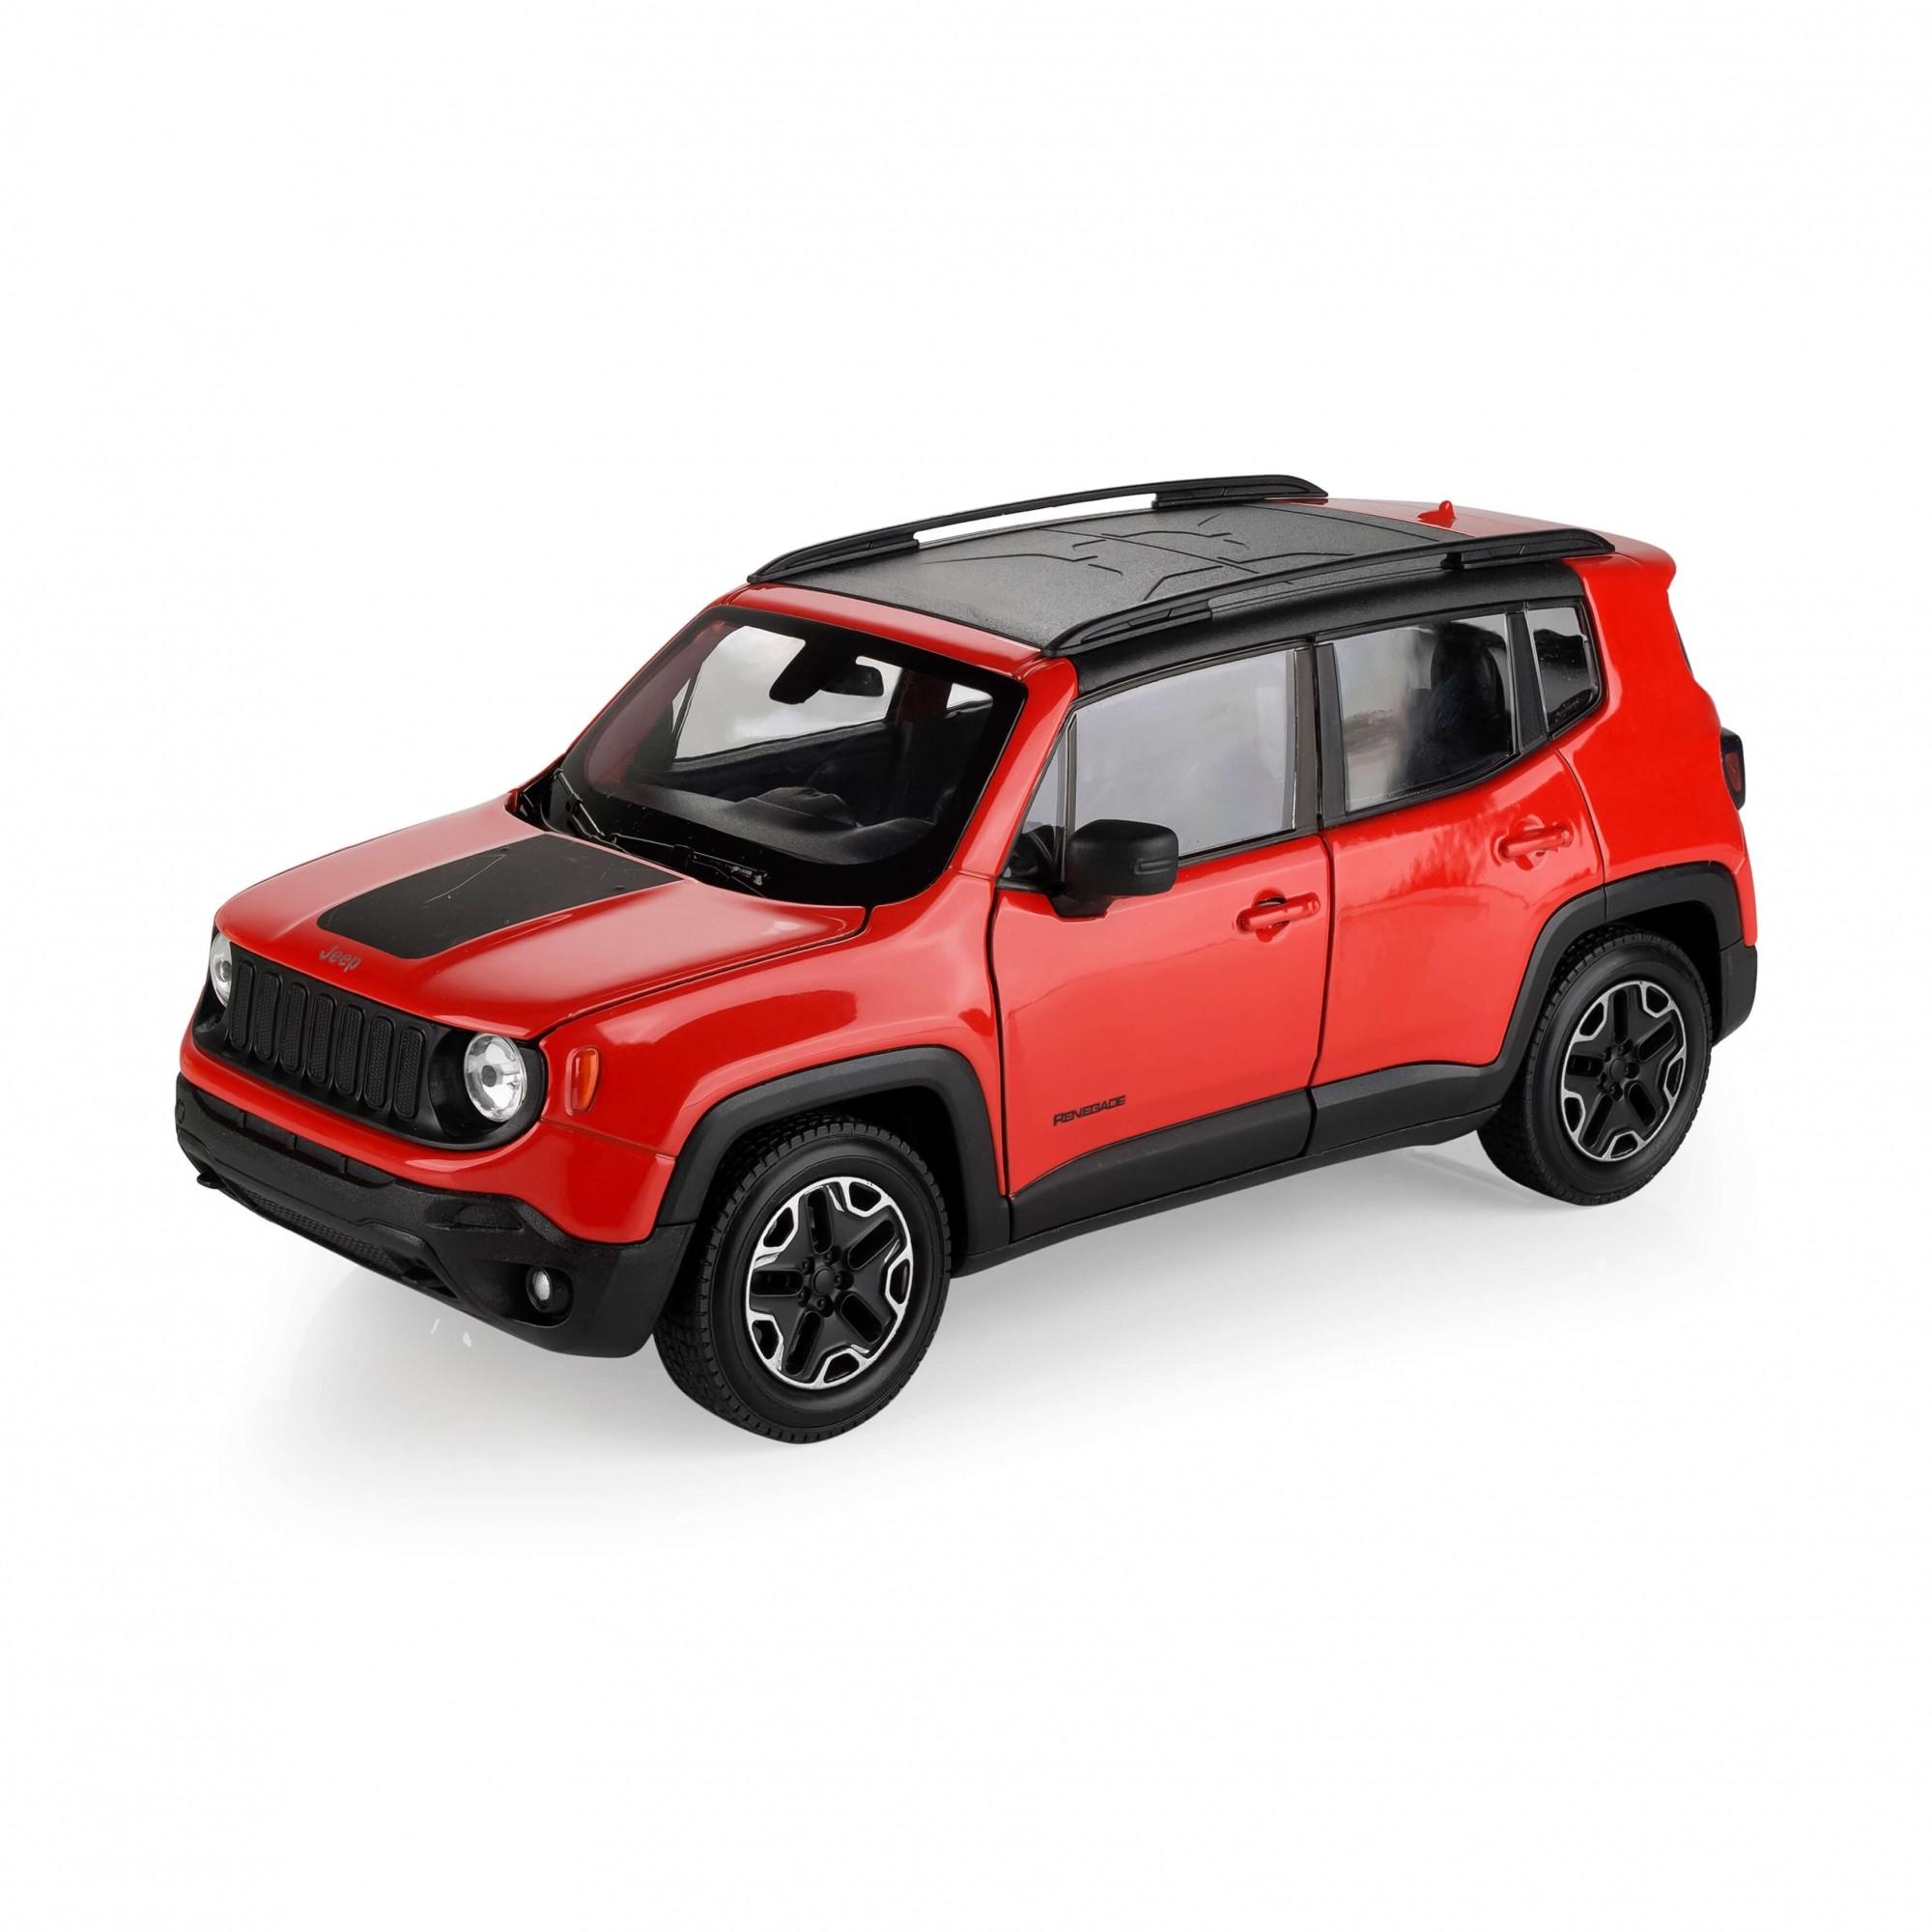 Miniatura Jeep Renegade Trailhawk 1/24 - Laranja